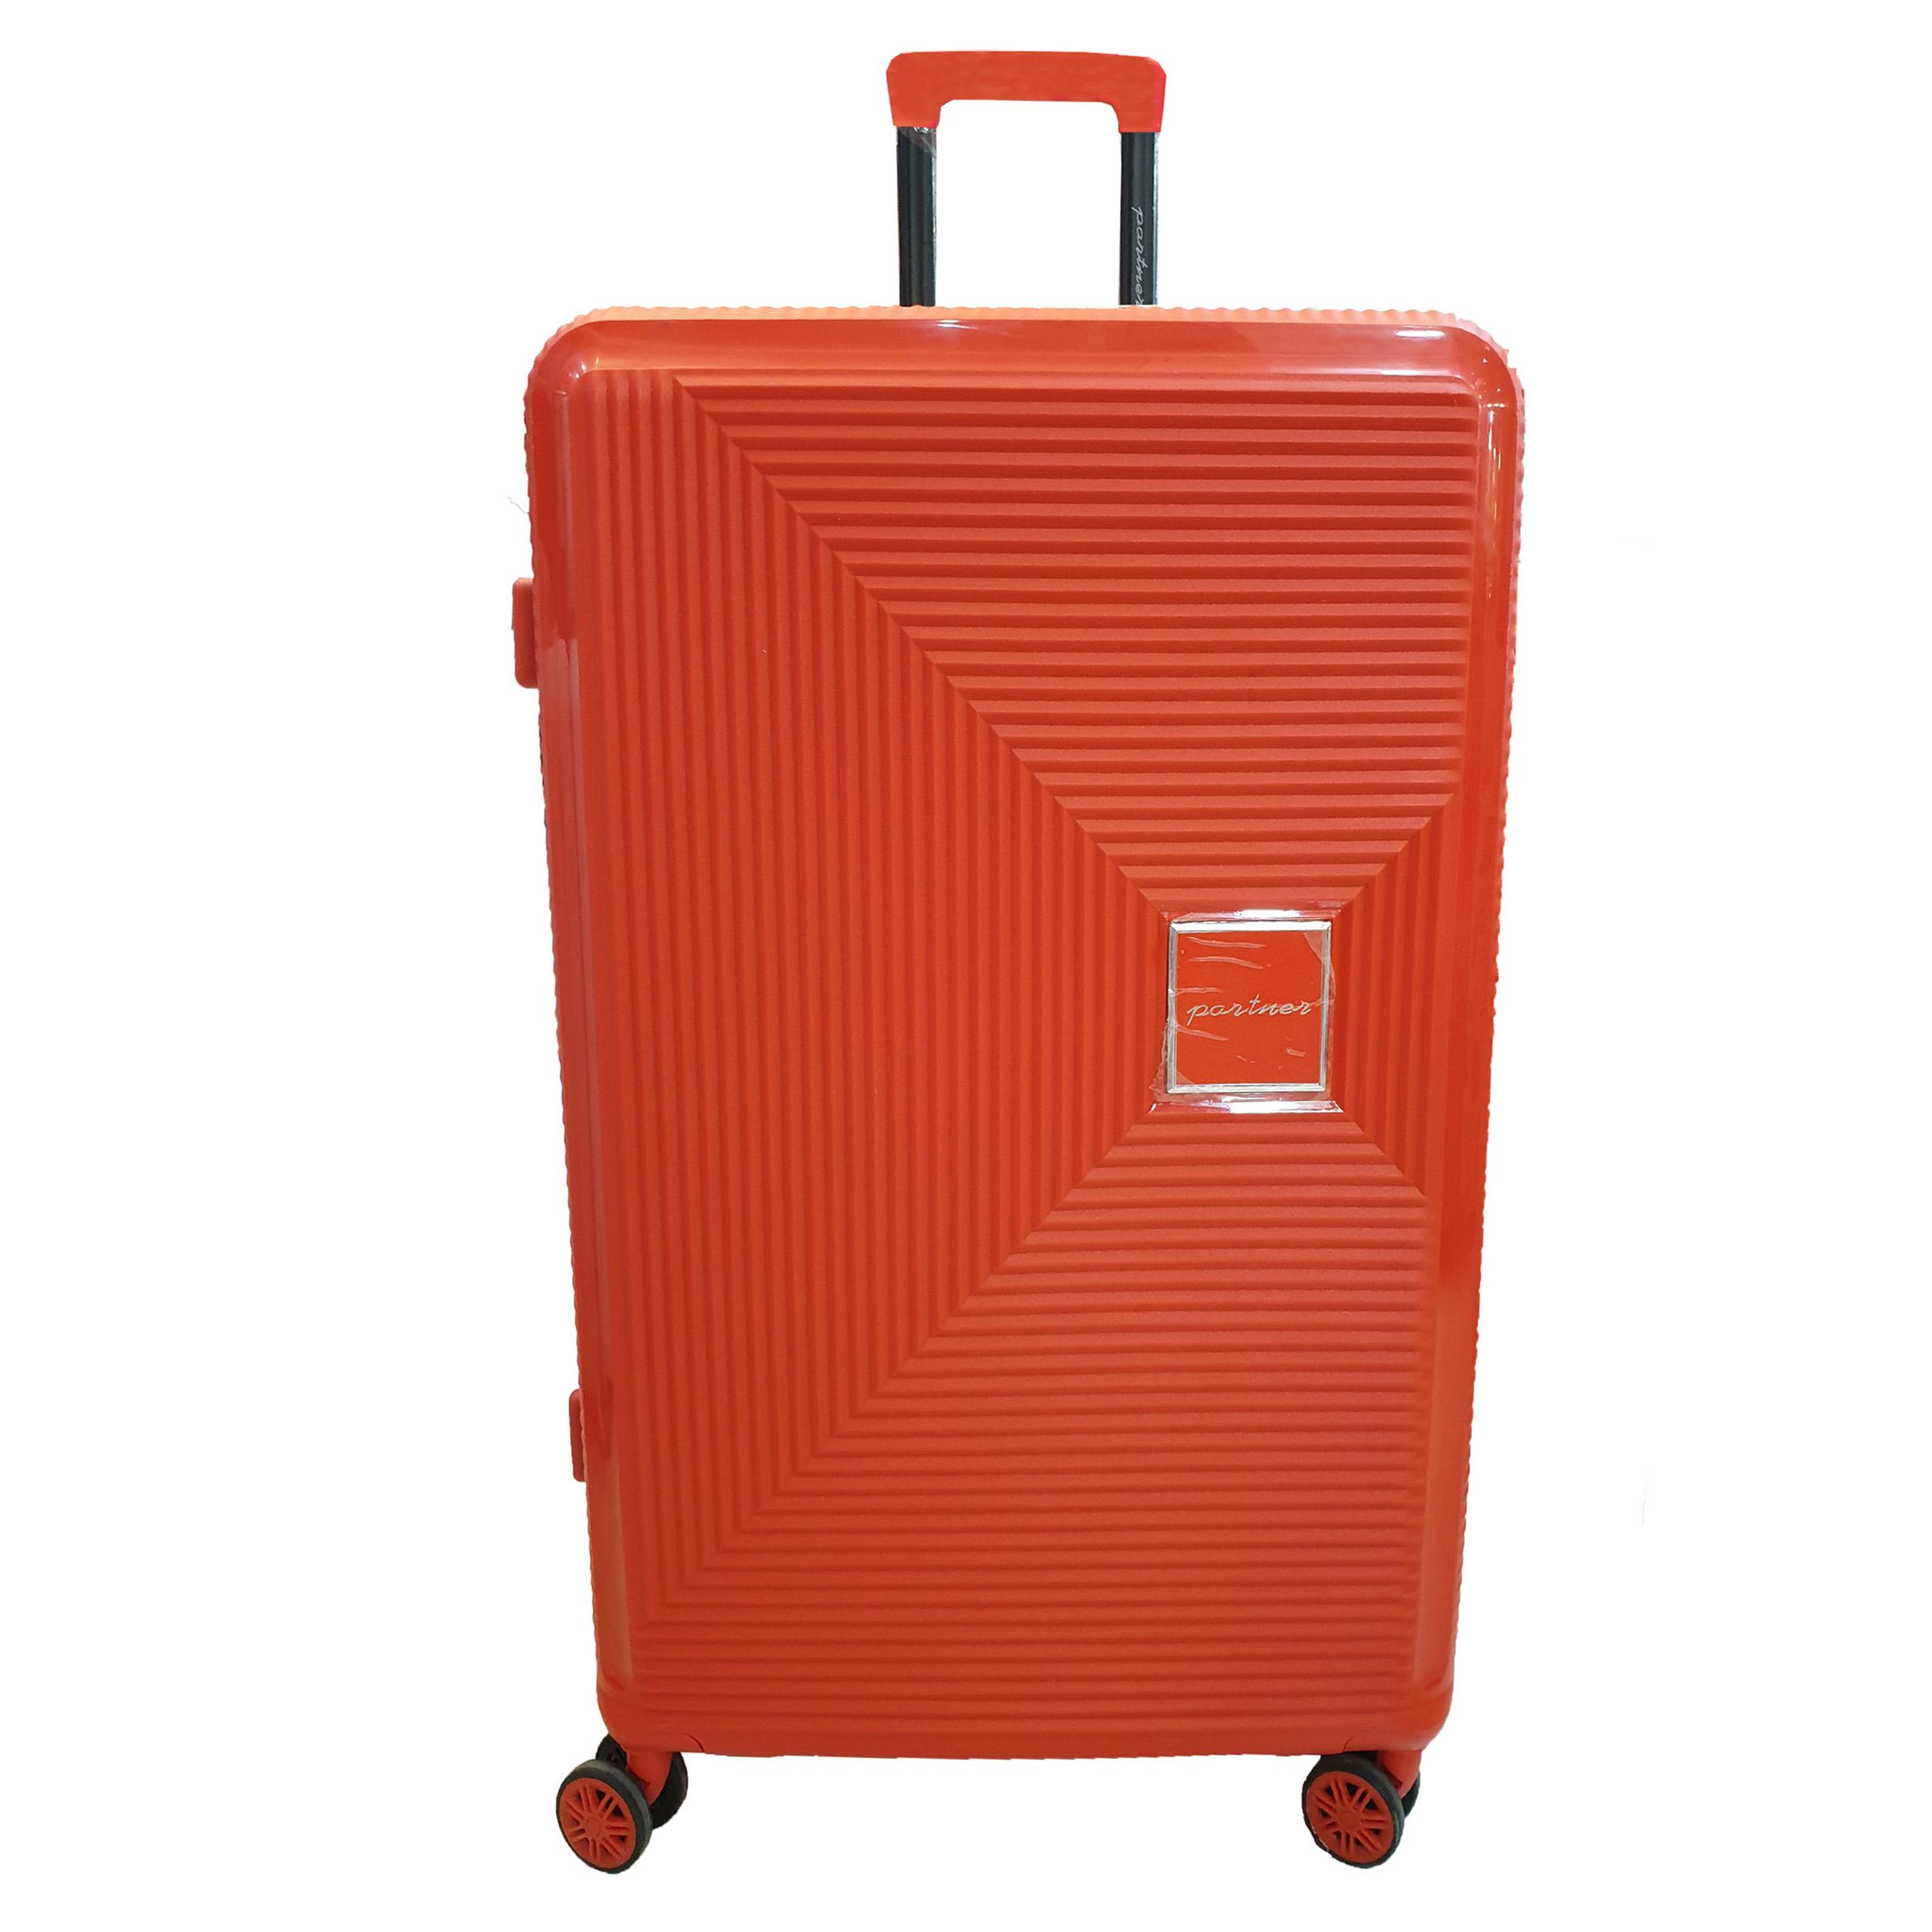 خرید                                      چمدان پارتنر کد B004 سایز بزرگ